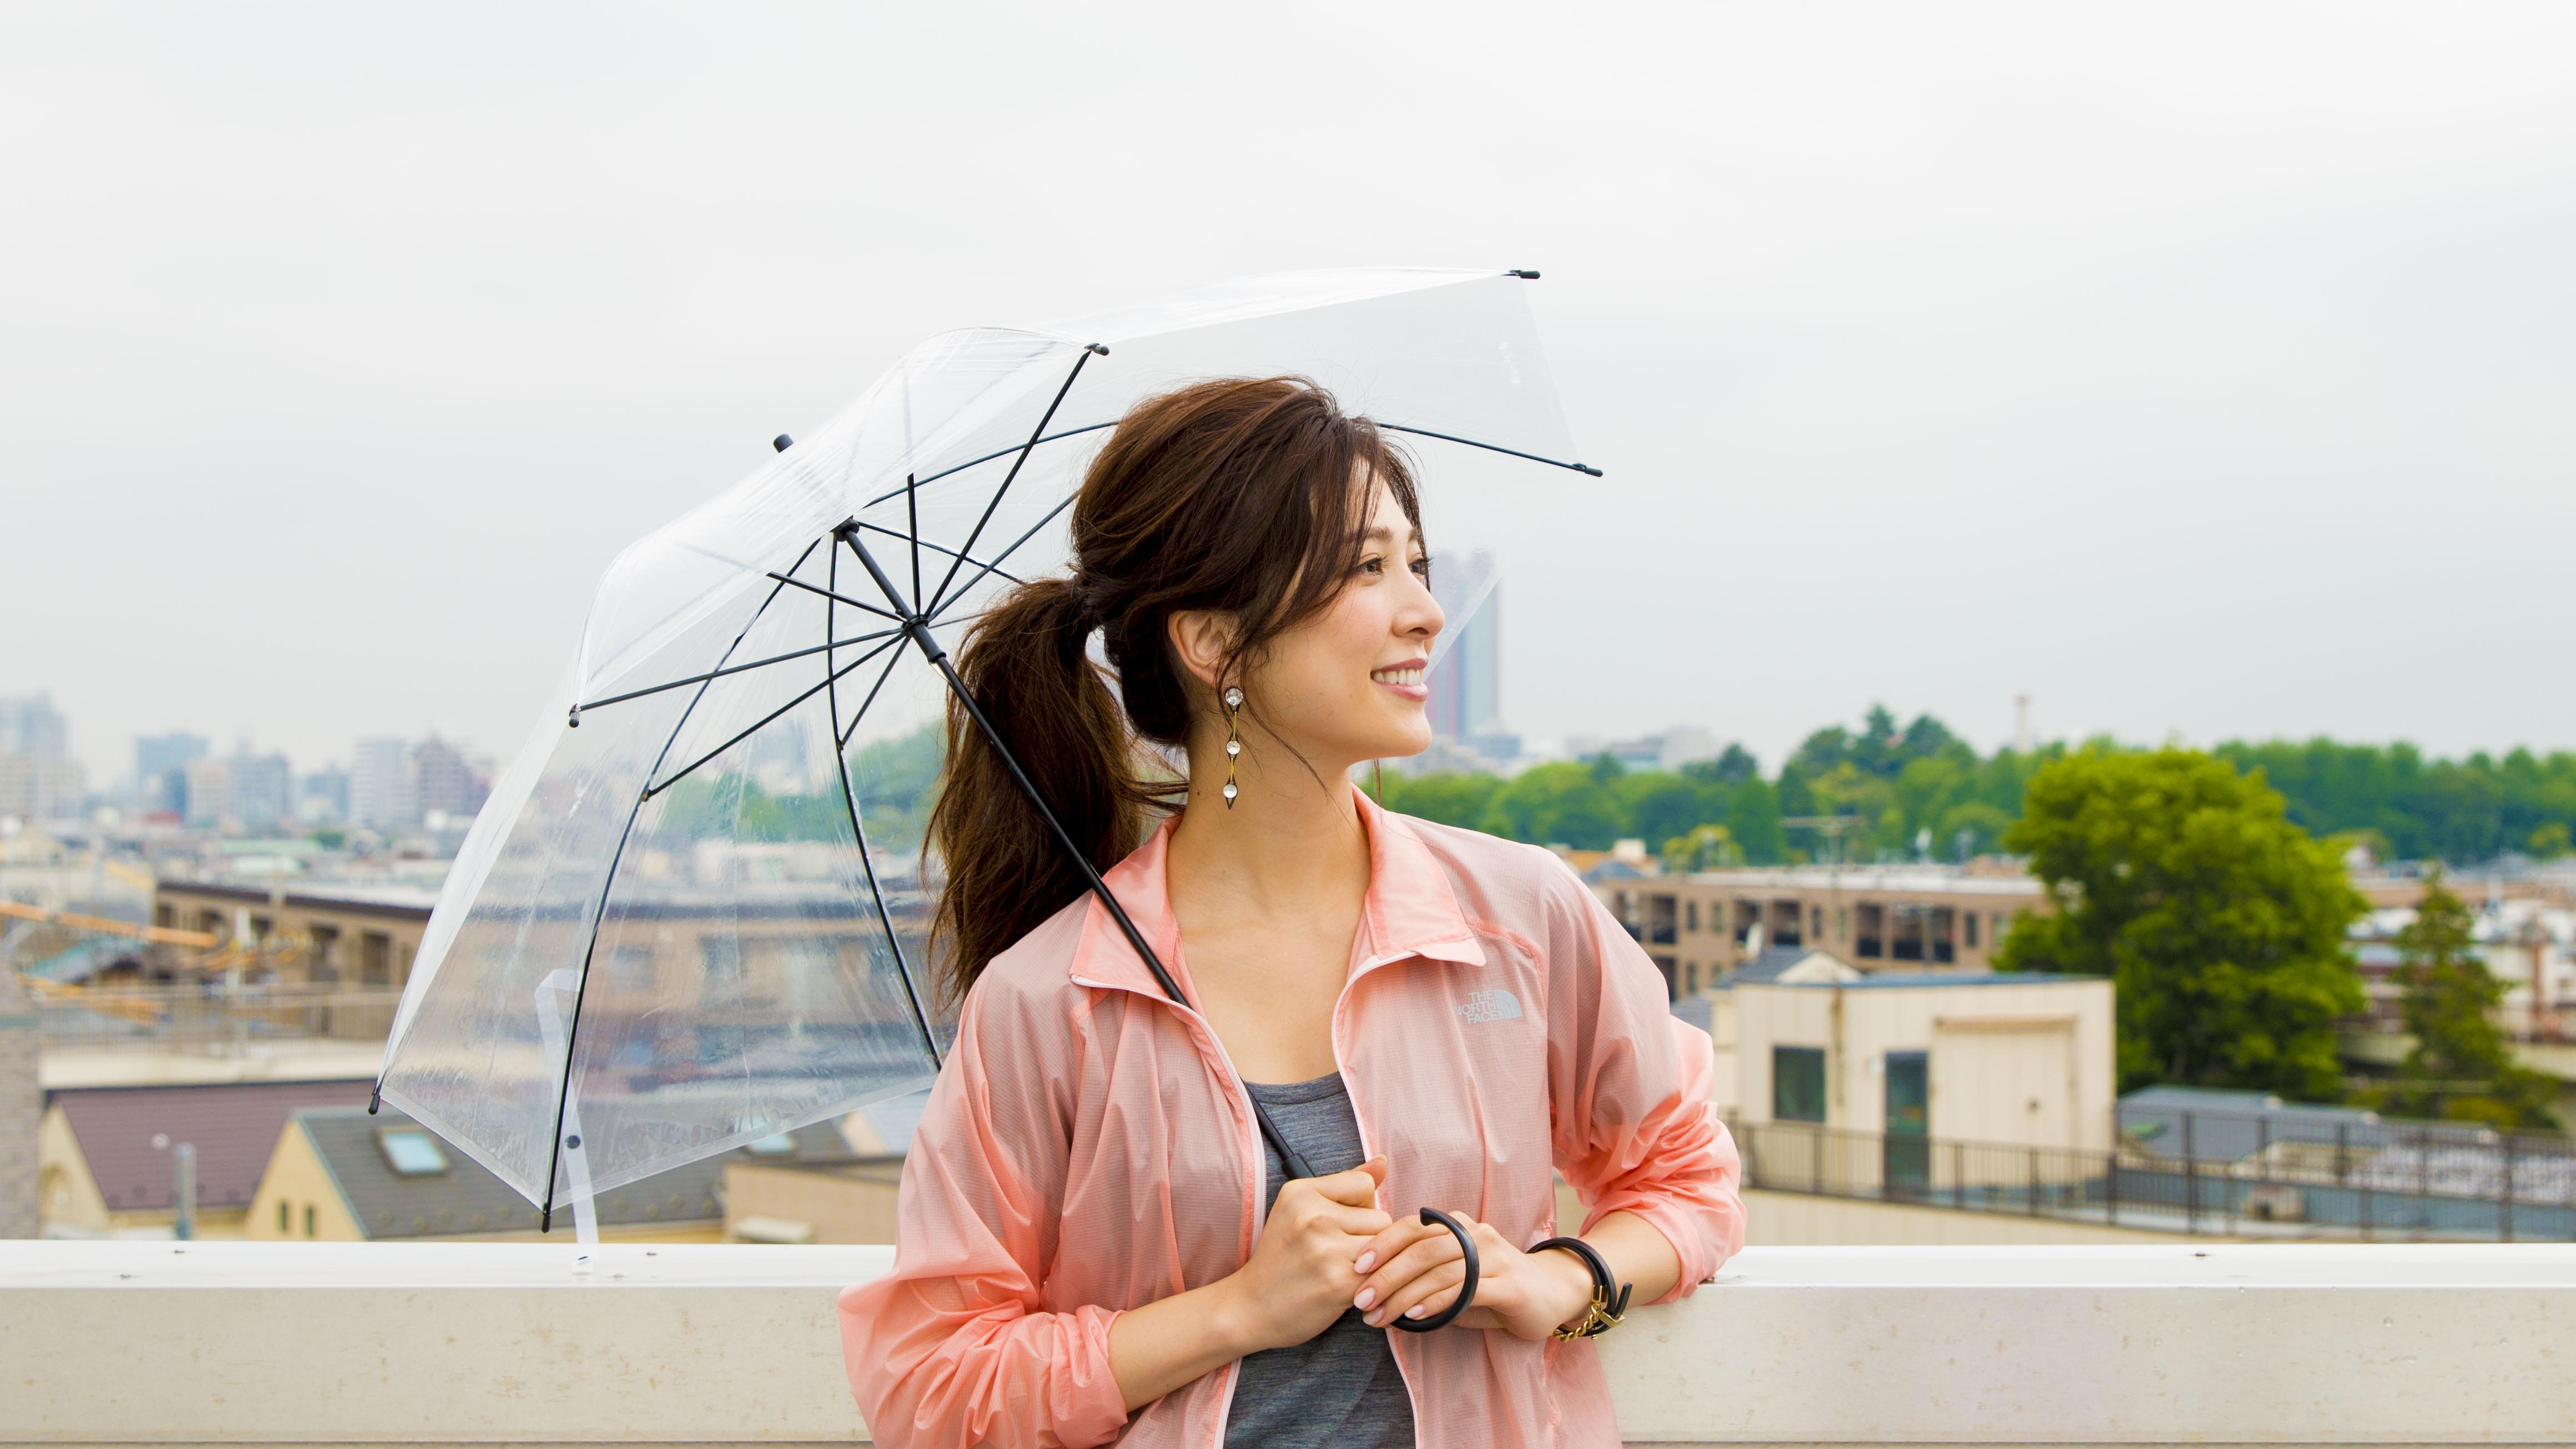 雨季やフェス、スポーツにも。持ってて便利な〝機能性ブルゾン〟